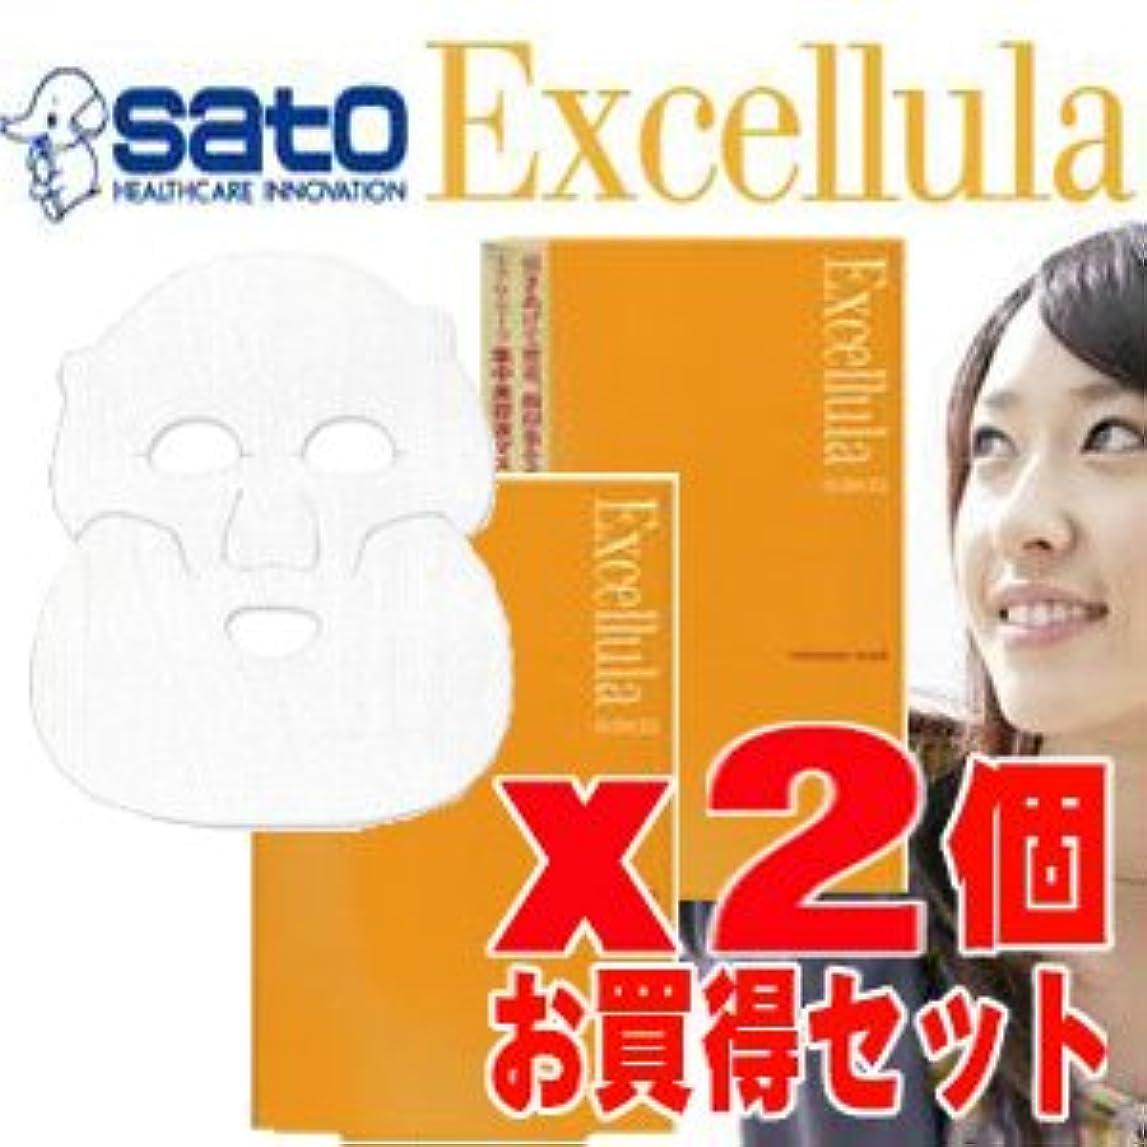 子孫半径従事した★お買得2個★ エクセルーラ モイスチュアマスク (シート状美容液マスク) 26mL×4枚(4回分) x2個セット